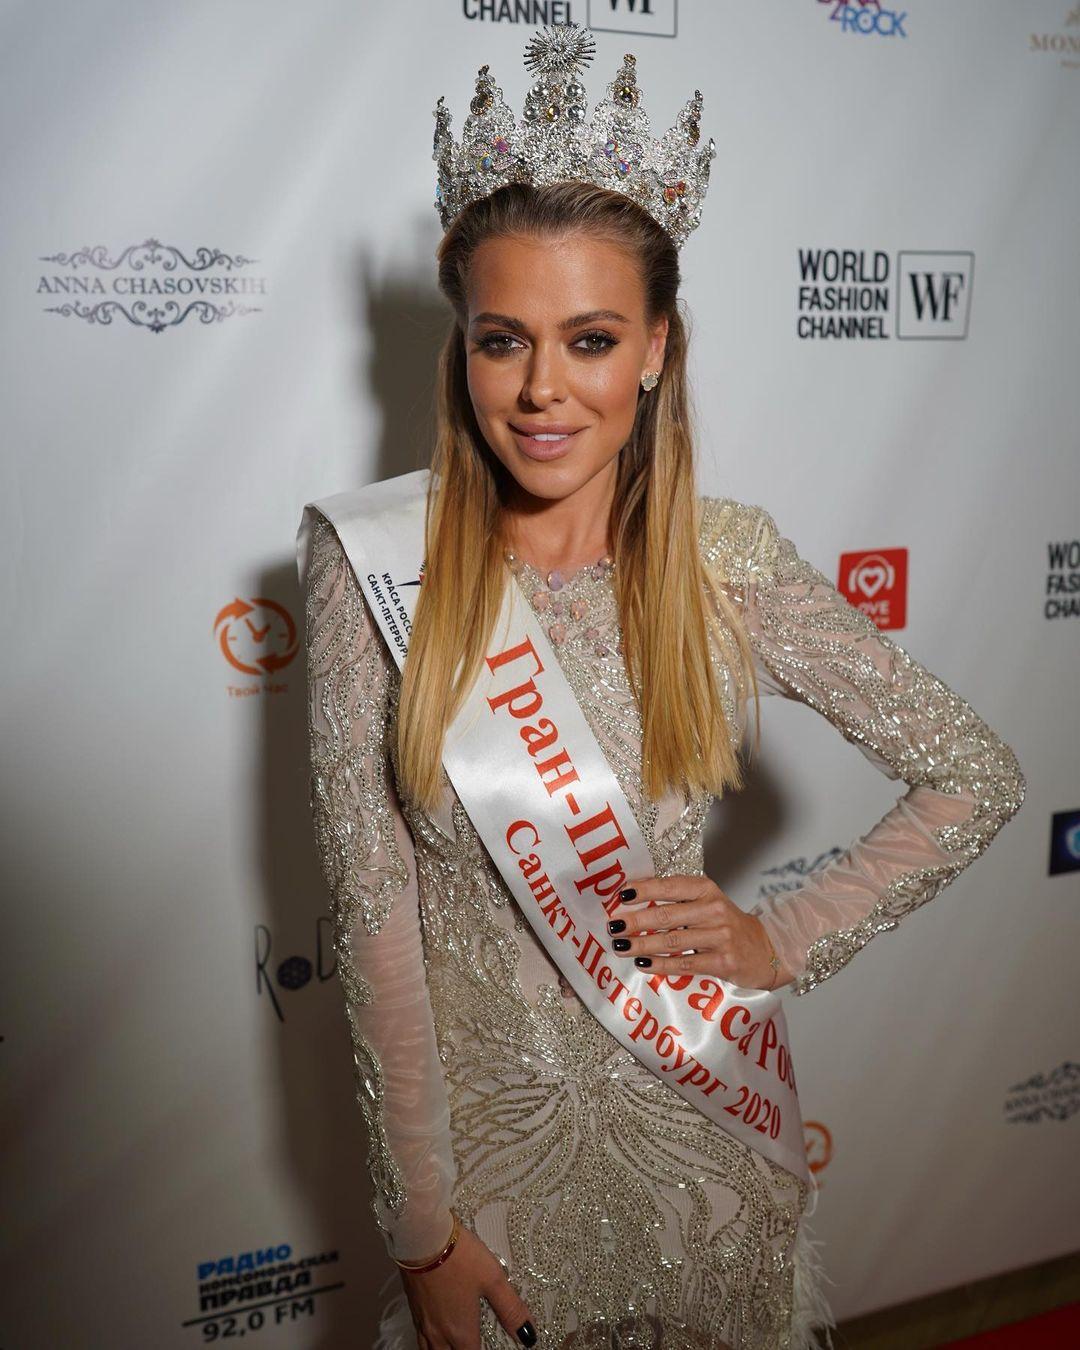 Миро облила ядом победительницу конкурса красоты. Фигурально. фото